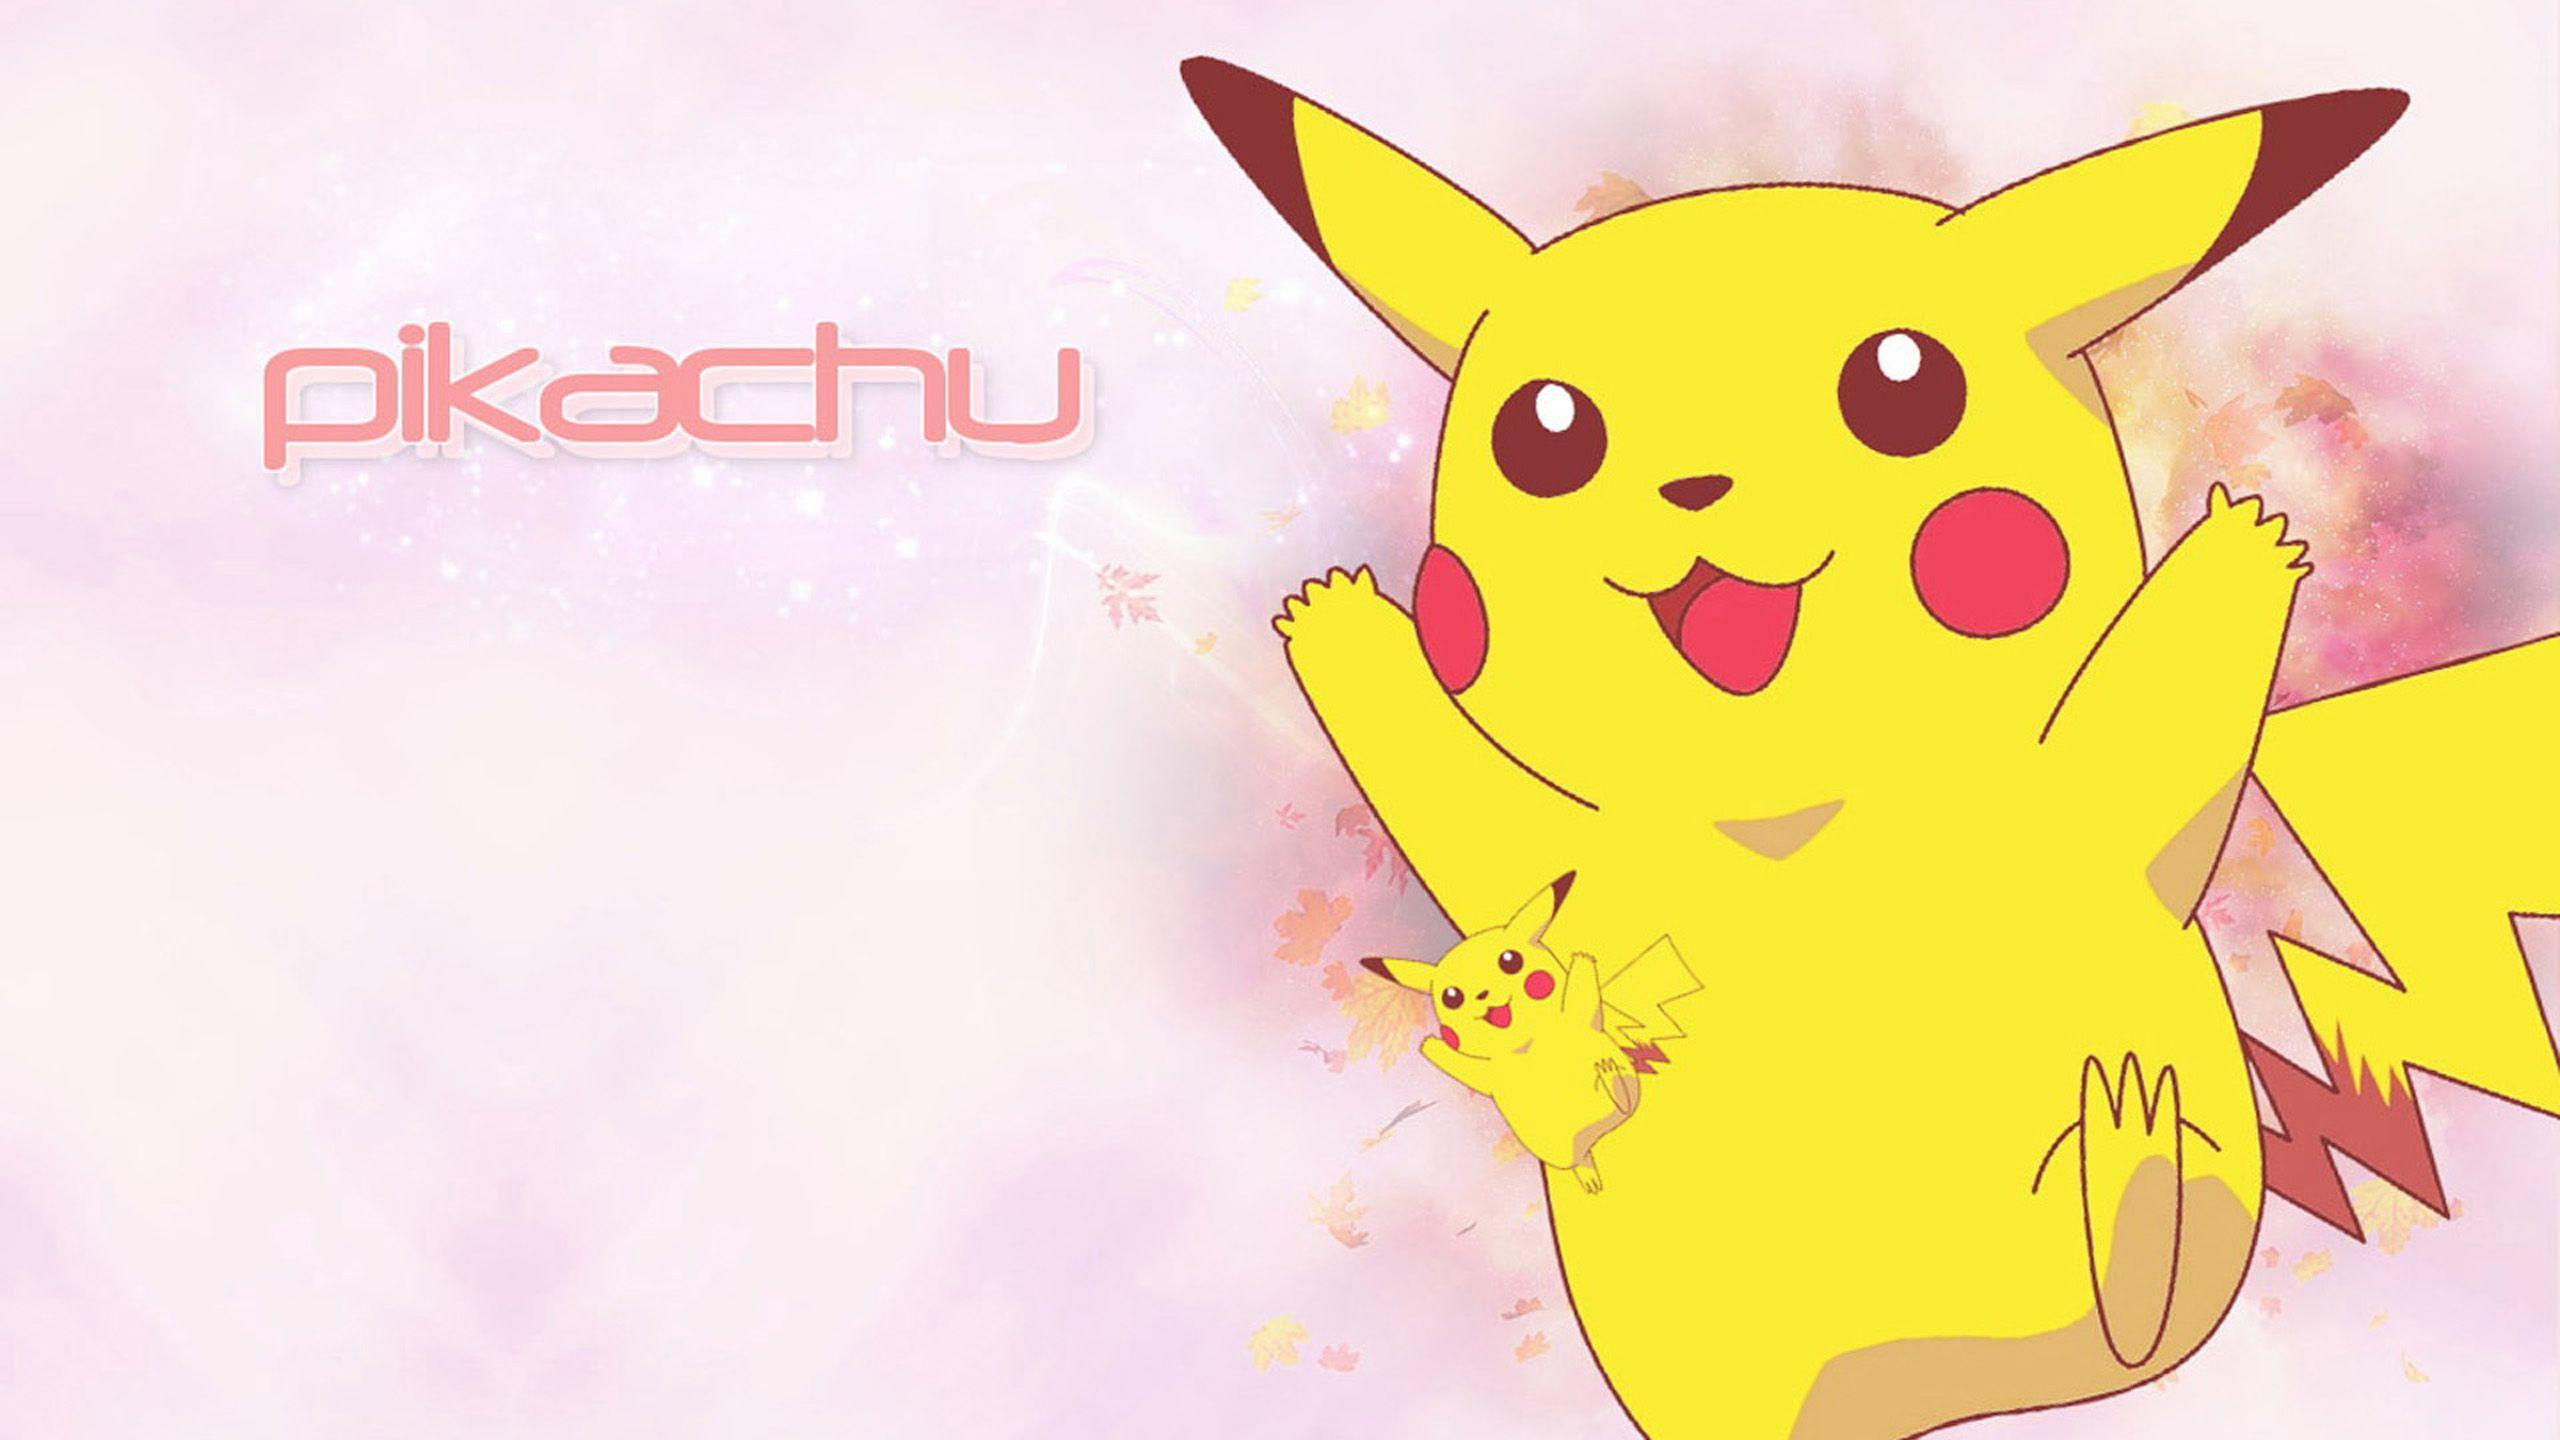 Hình nền Pikachu 2560x1440 HD